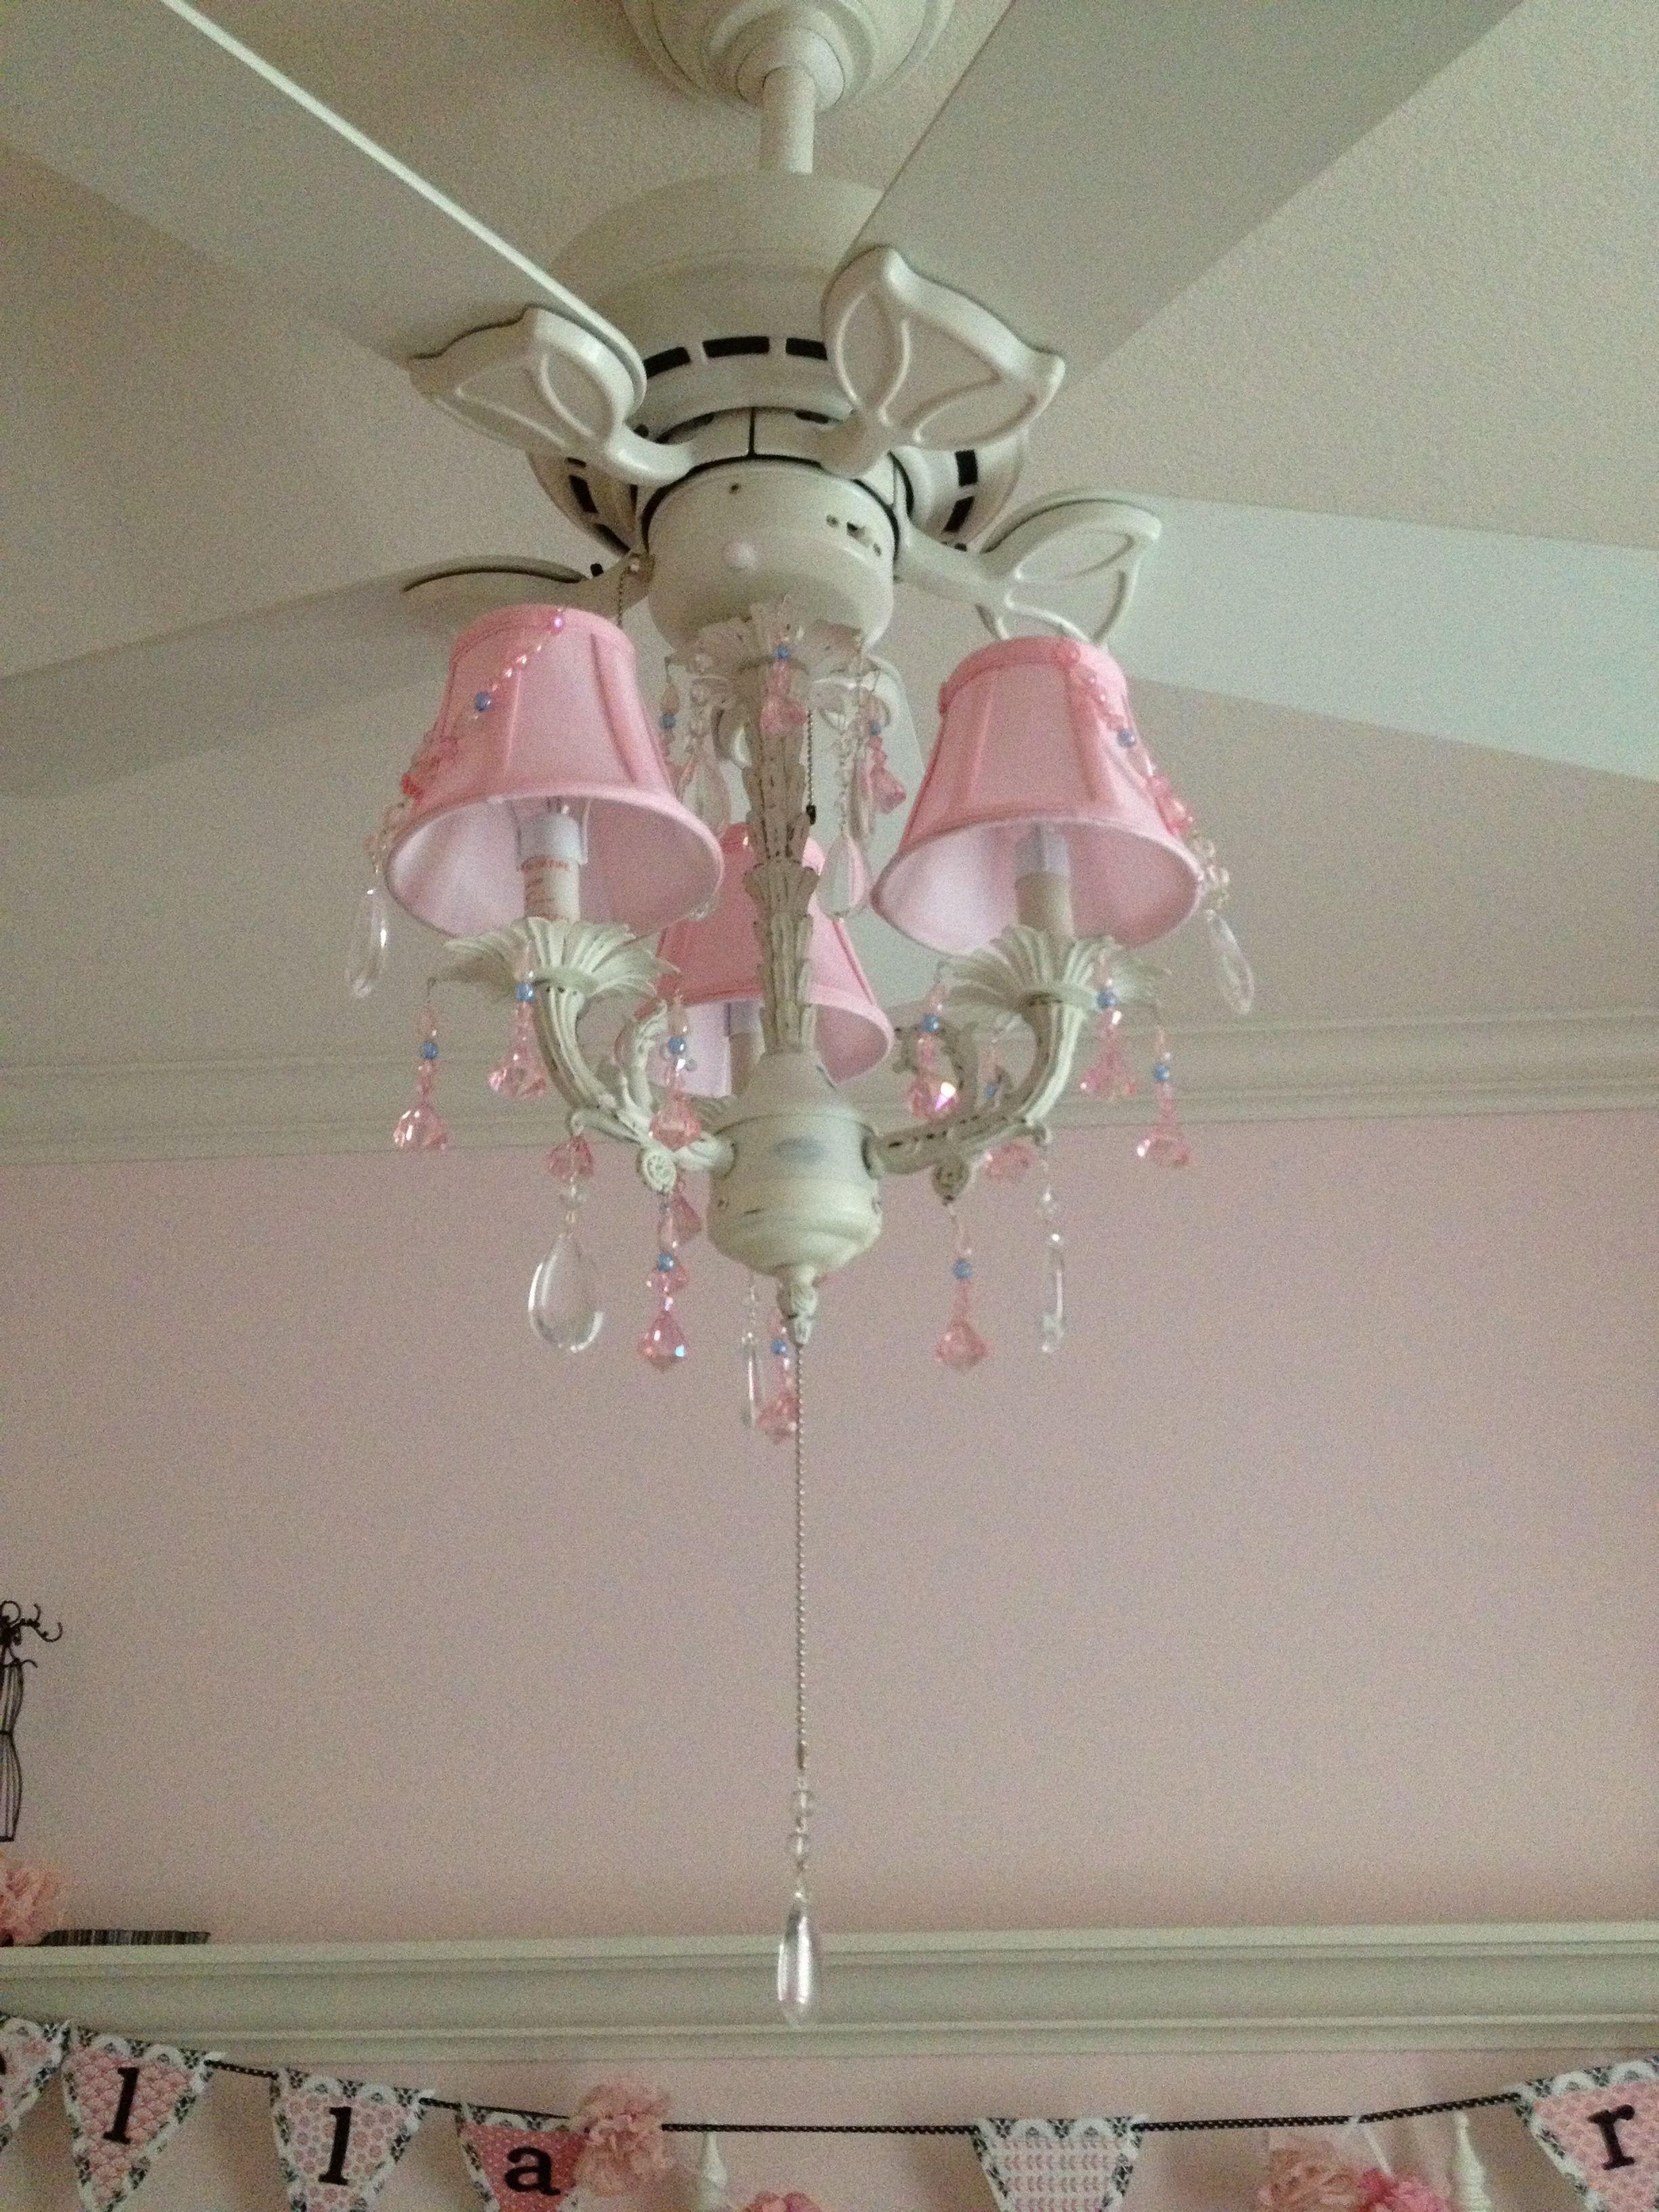 Little Girl Chandelier Bedroom Fresh Pink Chandelier On the Fan